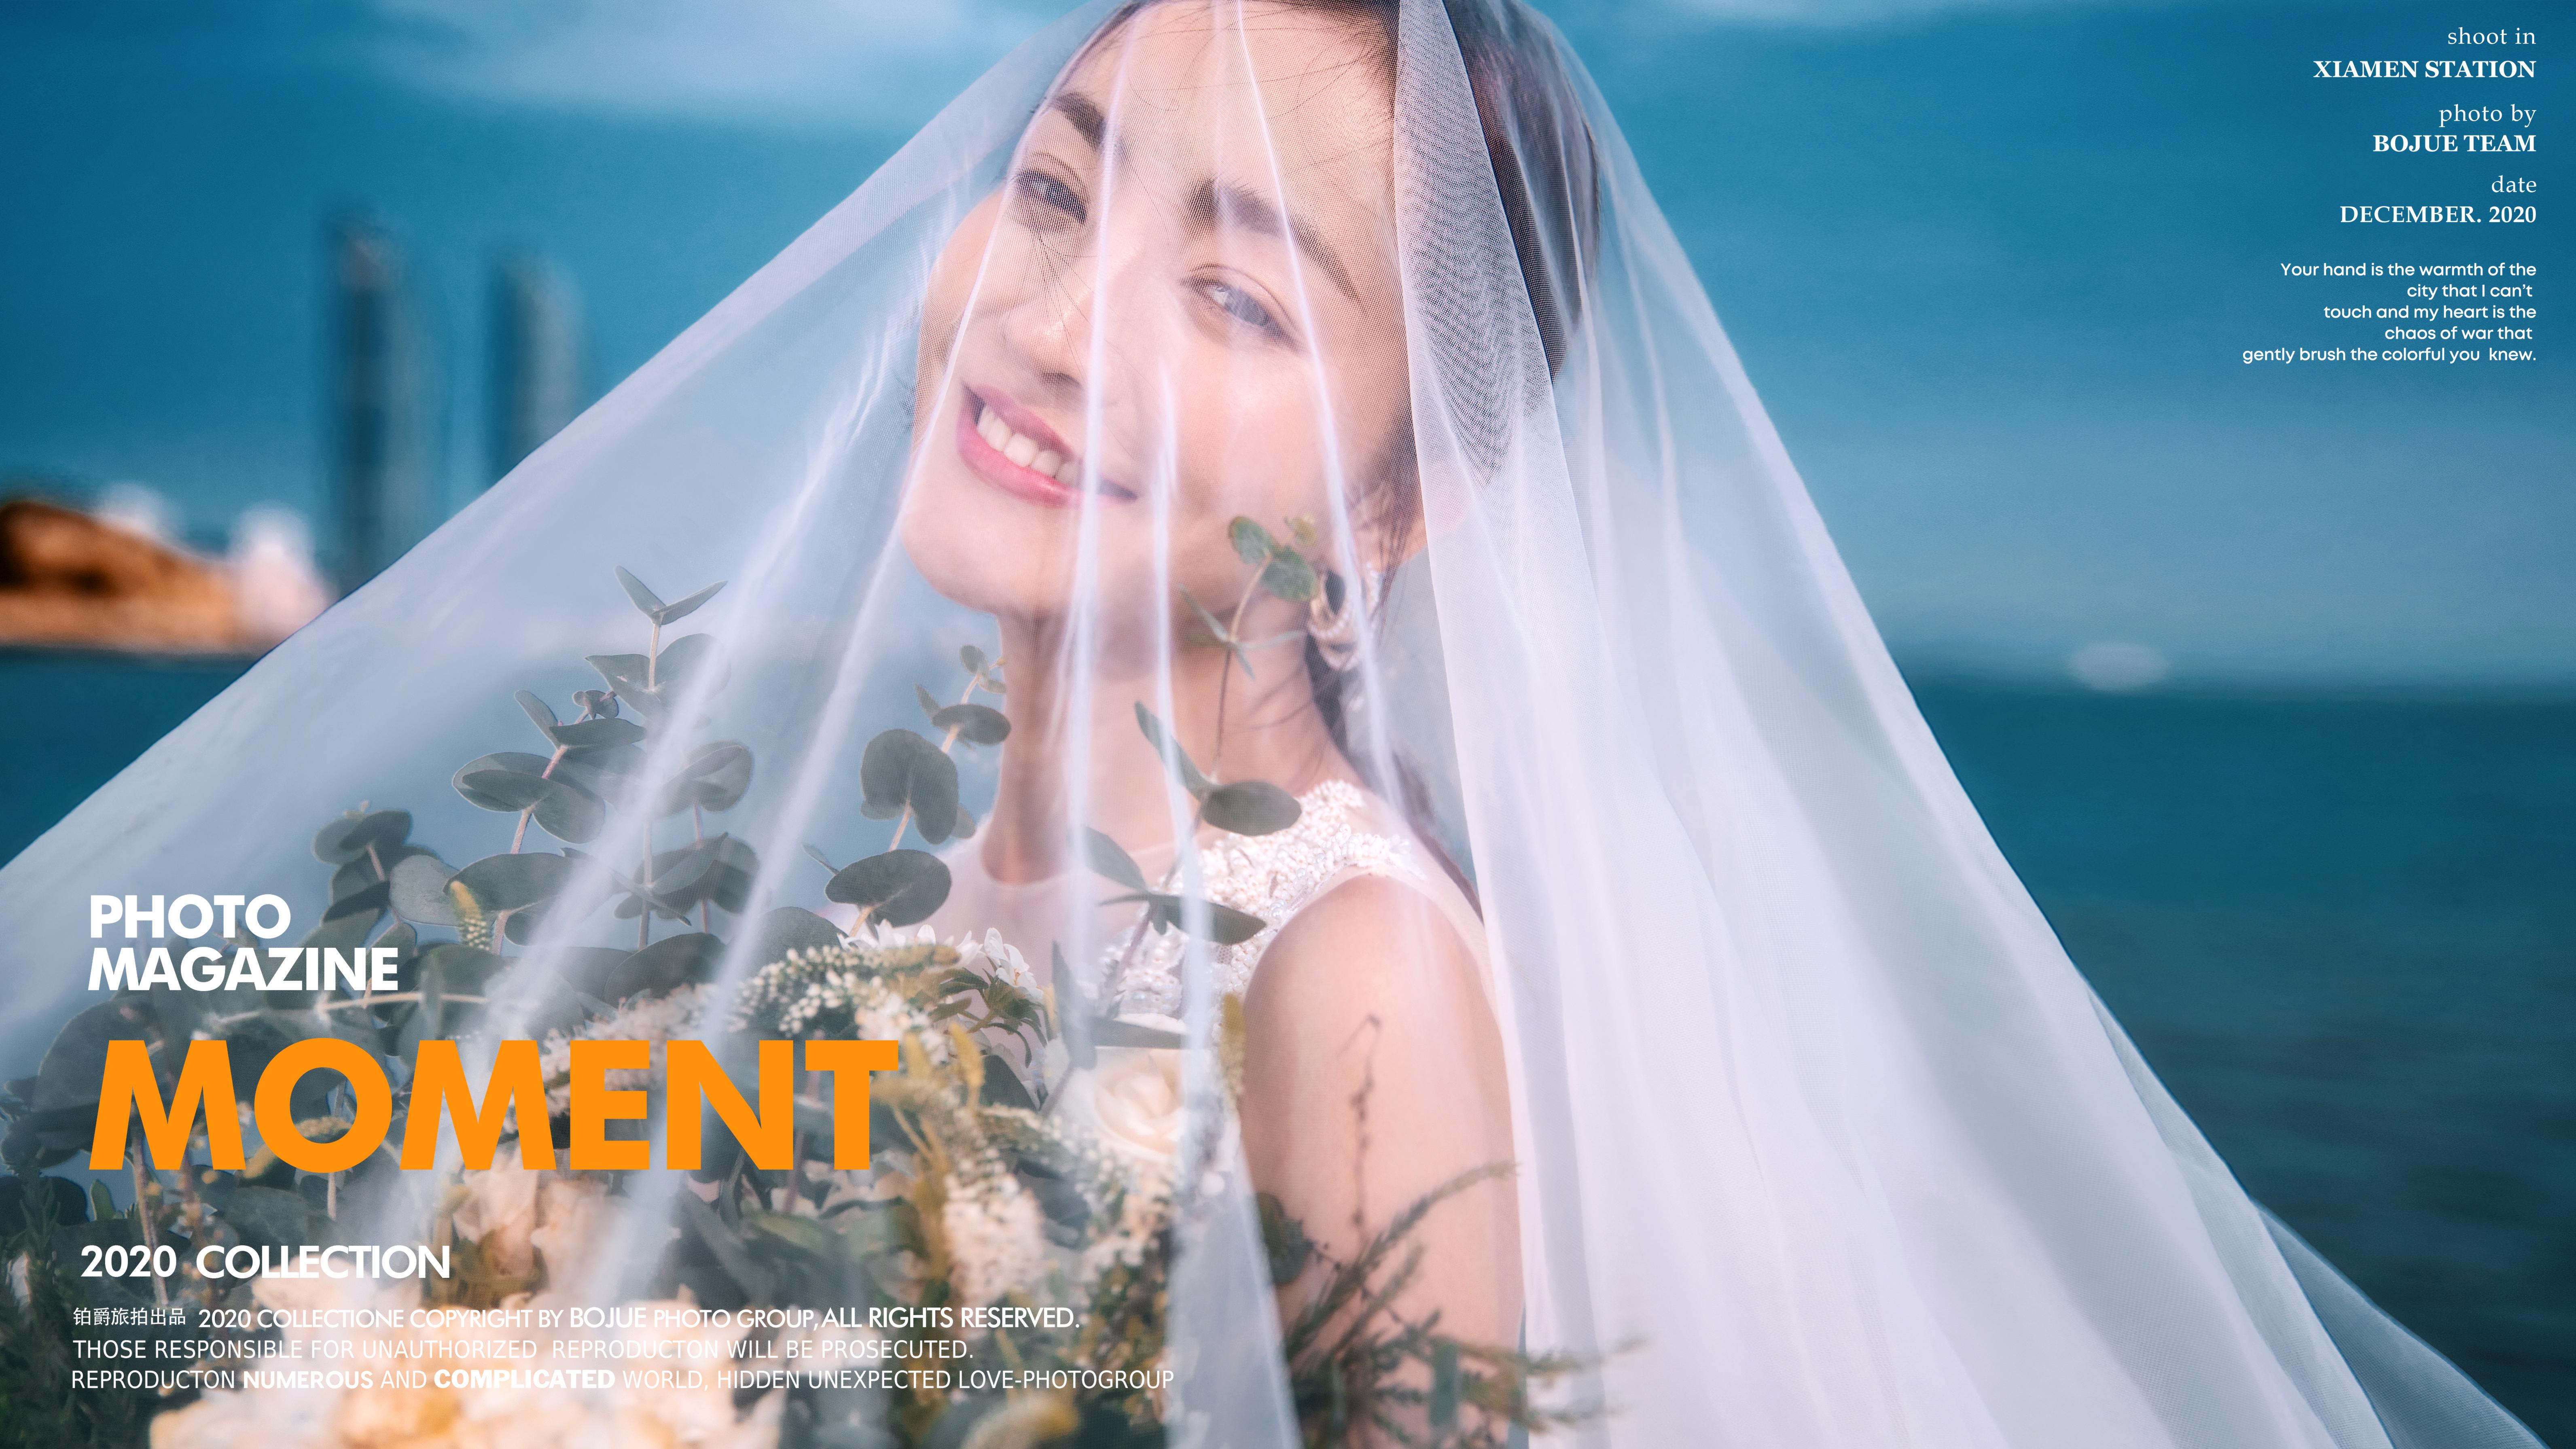 厦门婚纱照拍摄遇到阴雨天了还能拍出好的婚纱照效果吗?